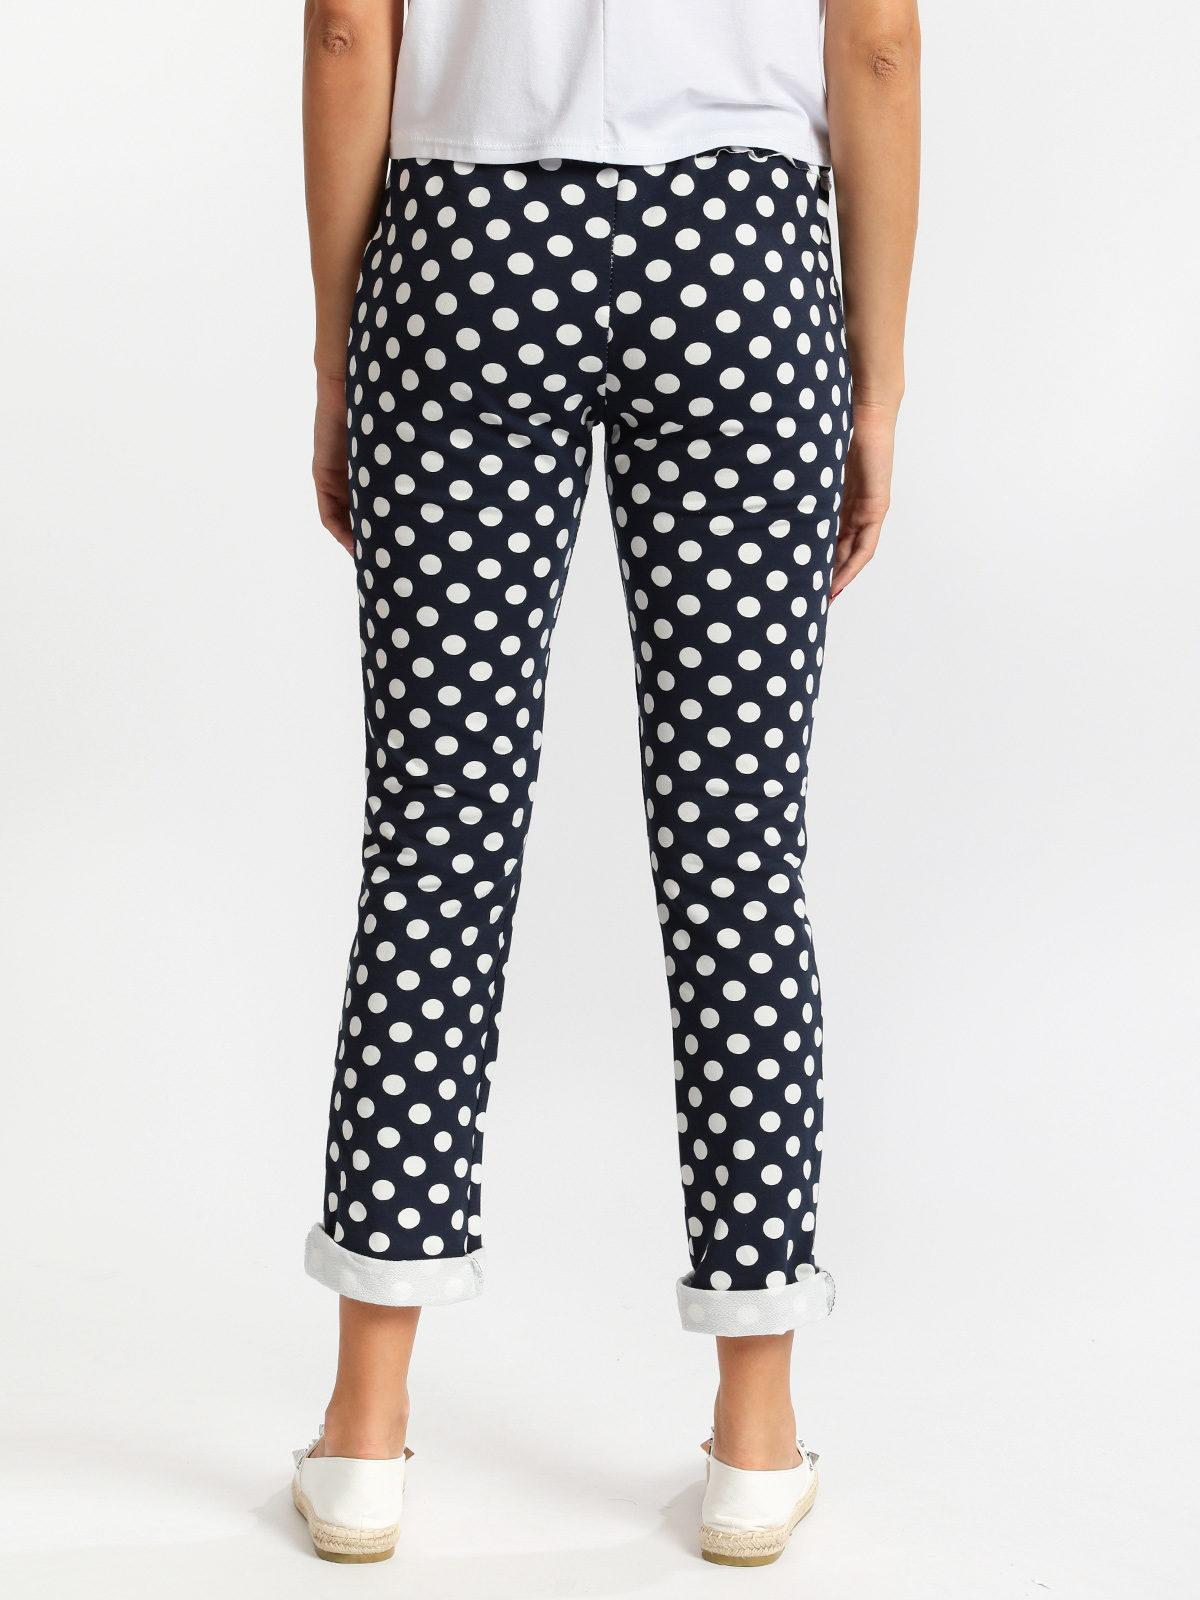 in vendita aa715 79e3b Pantaloni a pois in cotone solada   MecShopping